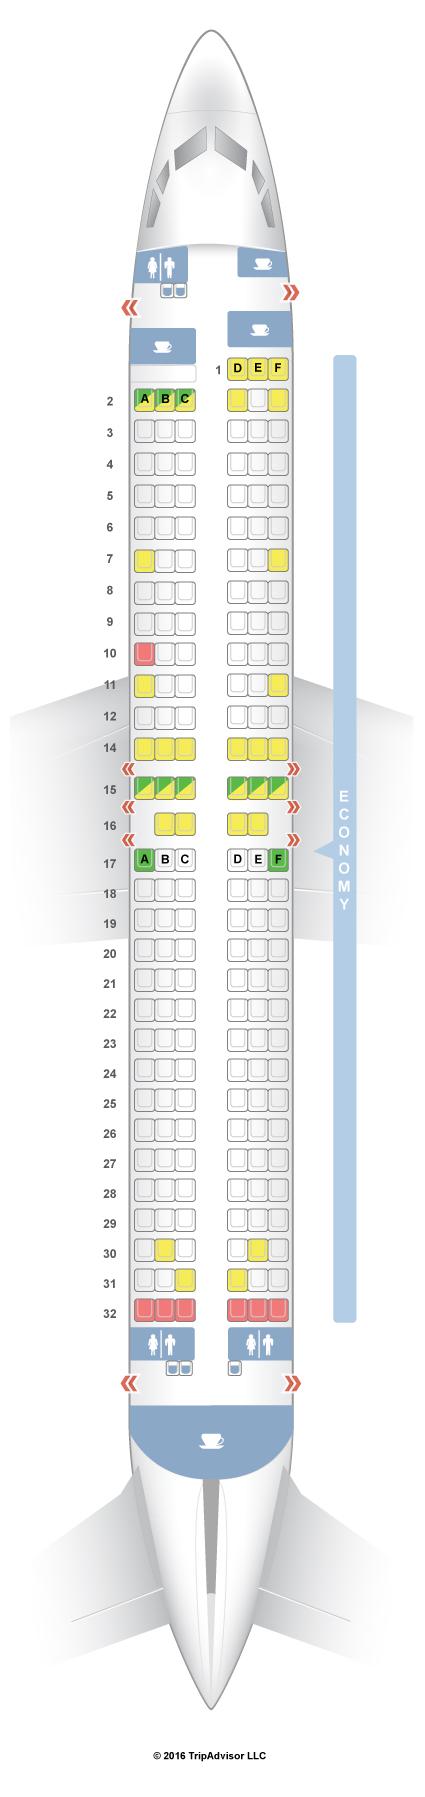 Seatguru Seat Map Sas Boeing 737 800 738